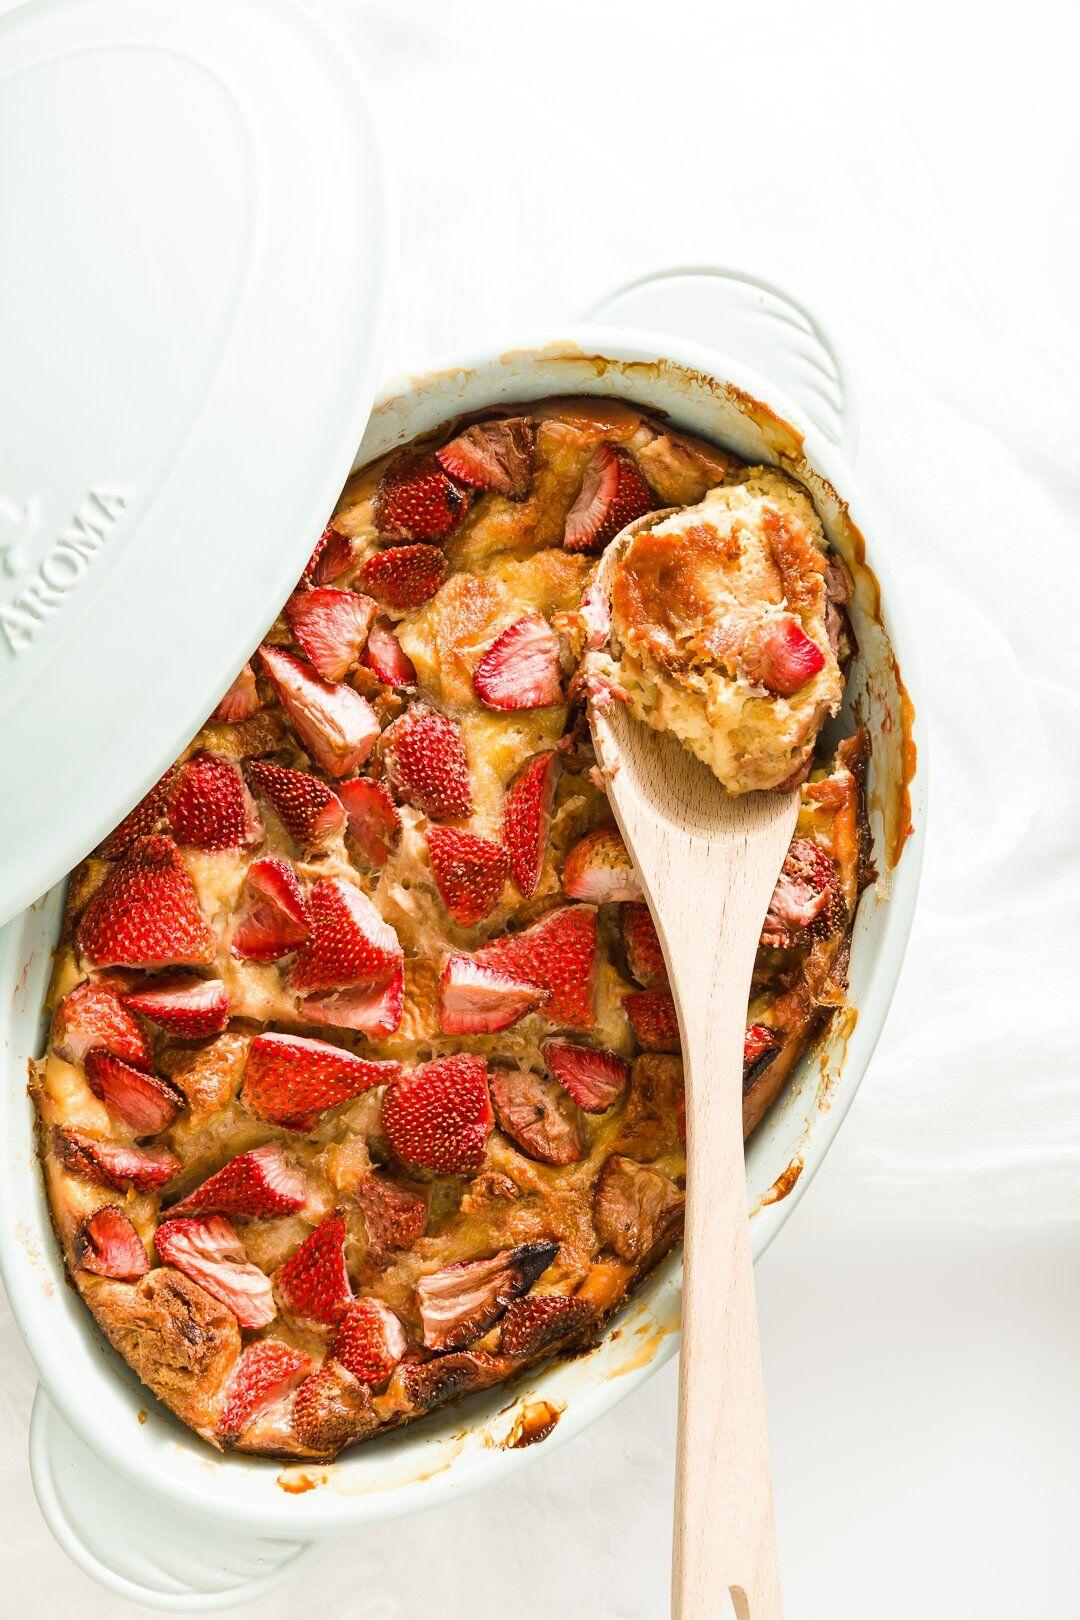 Strawberry brioche French toast in a casserole dish